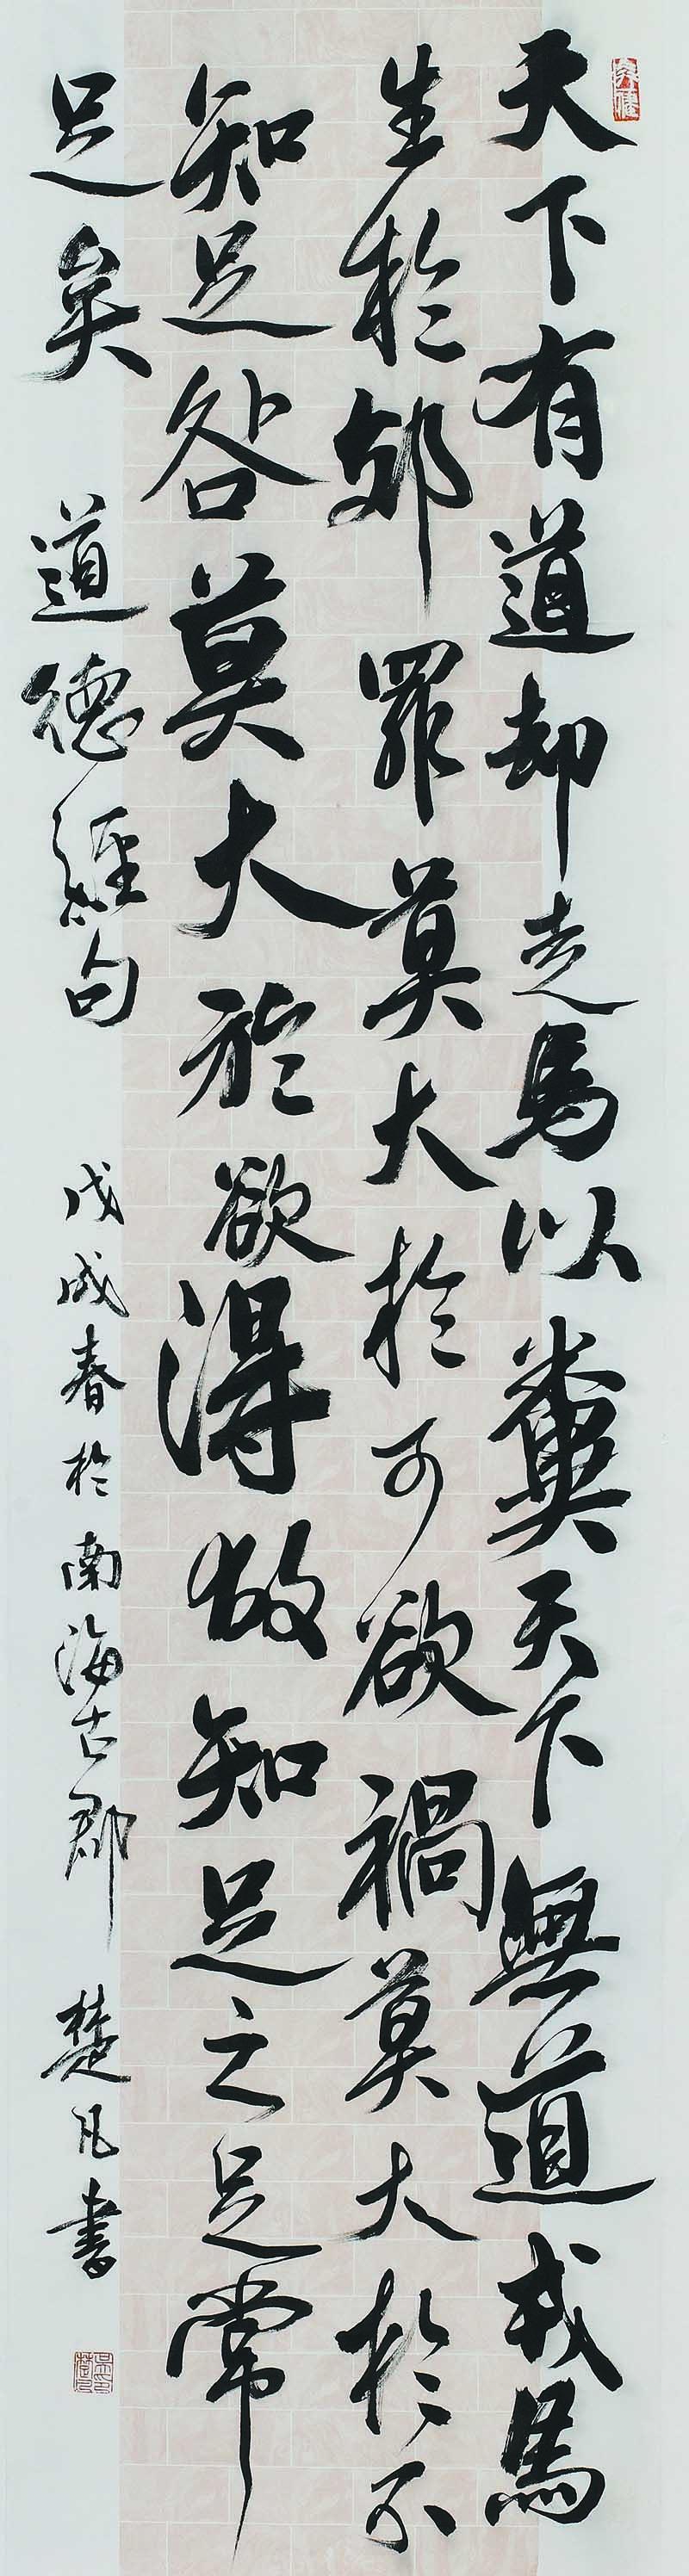 059吴楚凡-行书竖幅-《道德经》第四十六章